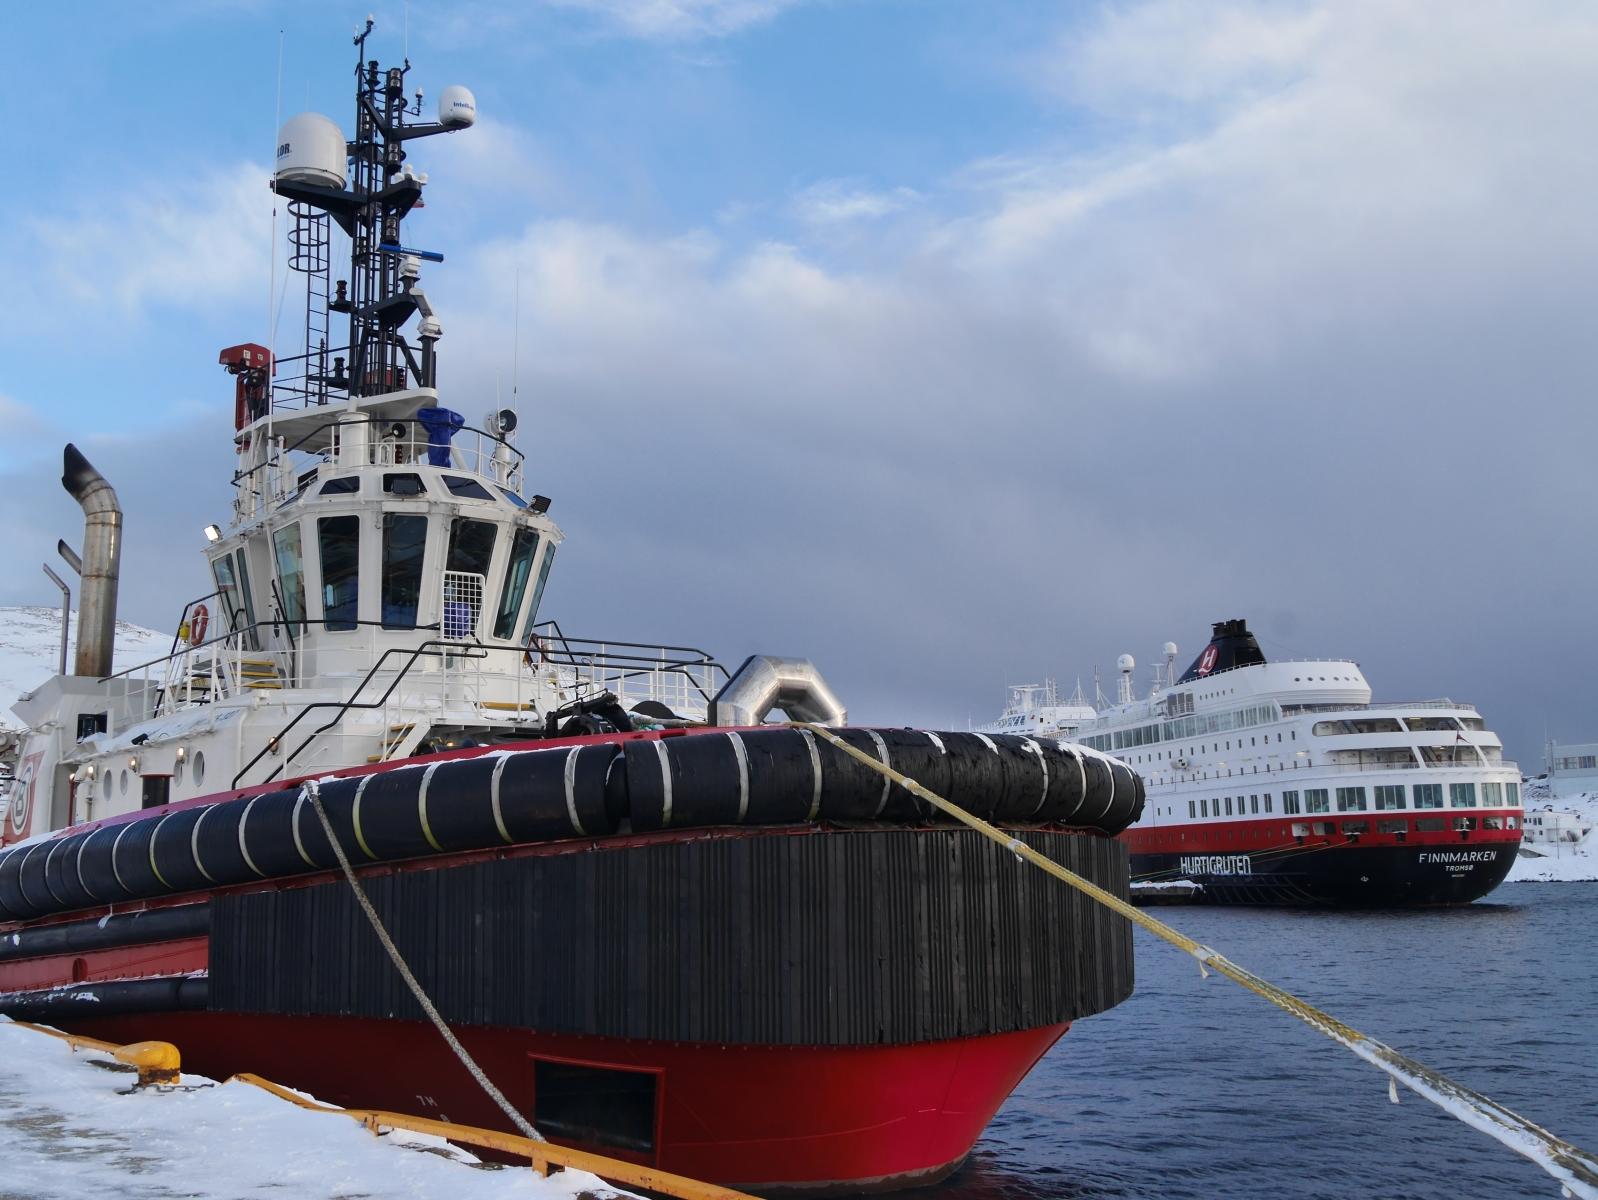 Festgemacht am Hafen von Honningsvag